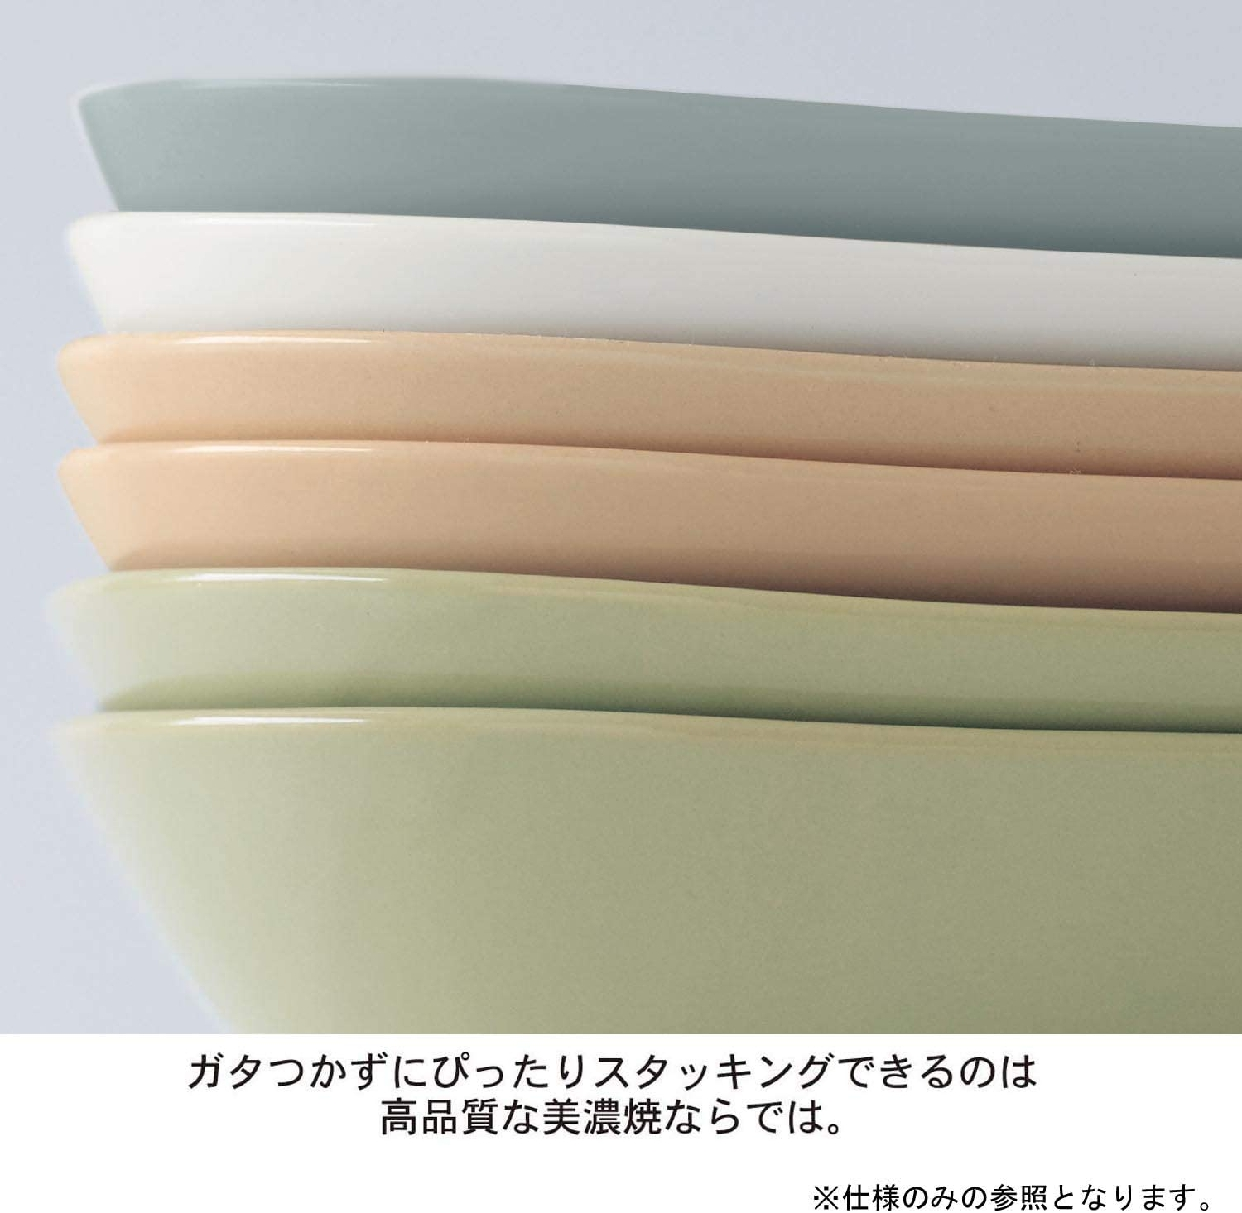 BELLE MAISON DAYS(ベルメゾンデイズ) 深めですくいやすいランチプレート ホワイトの商品画像6